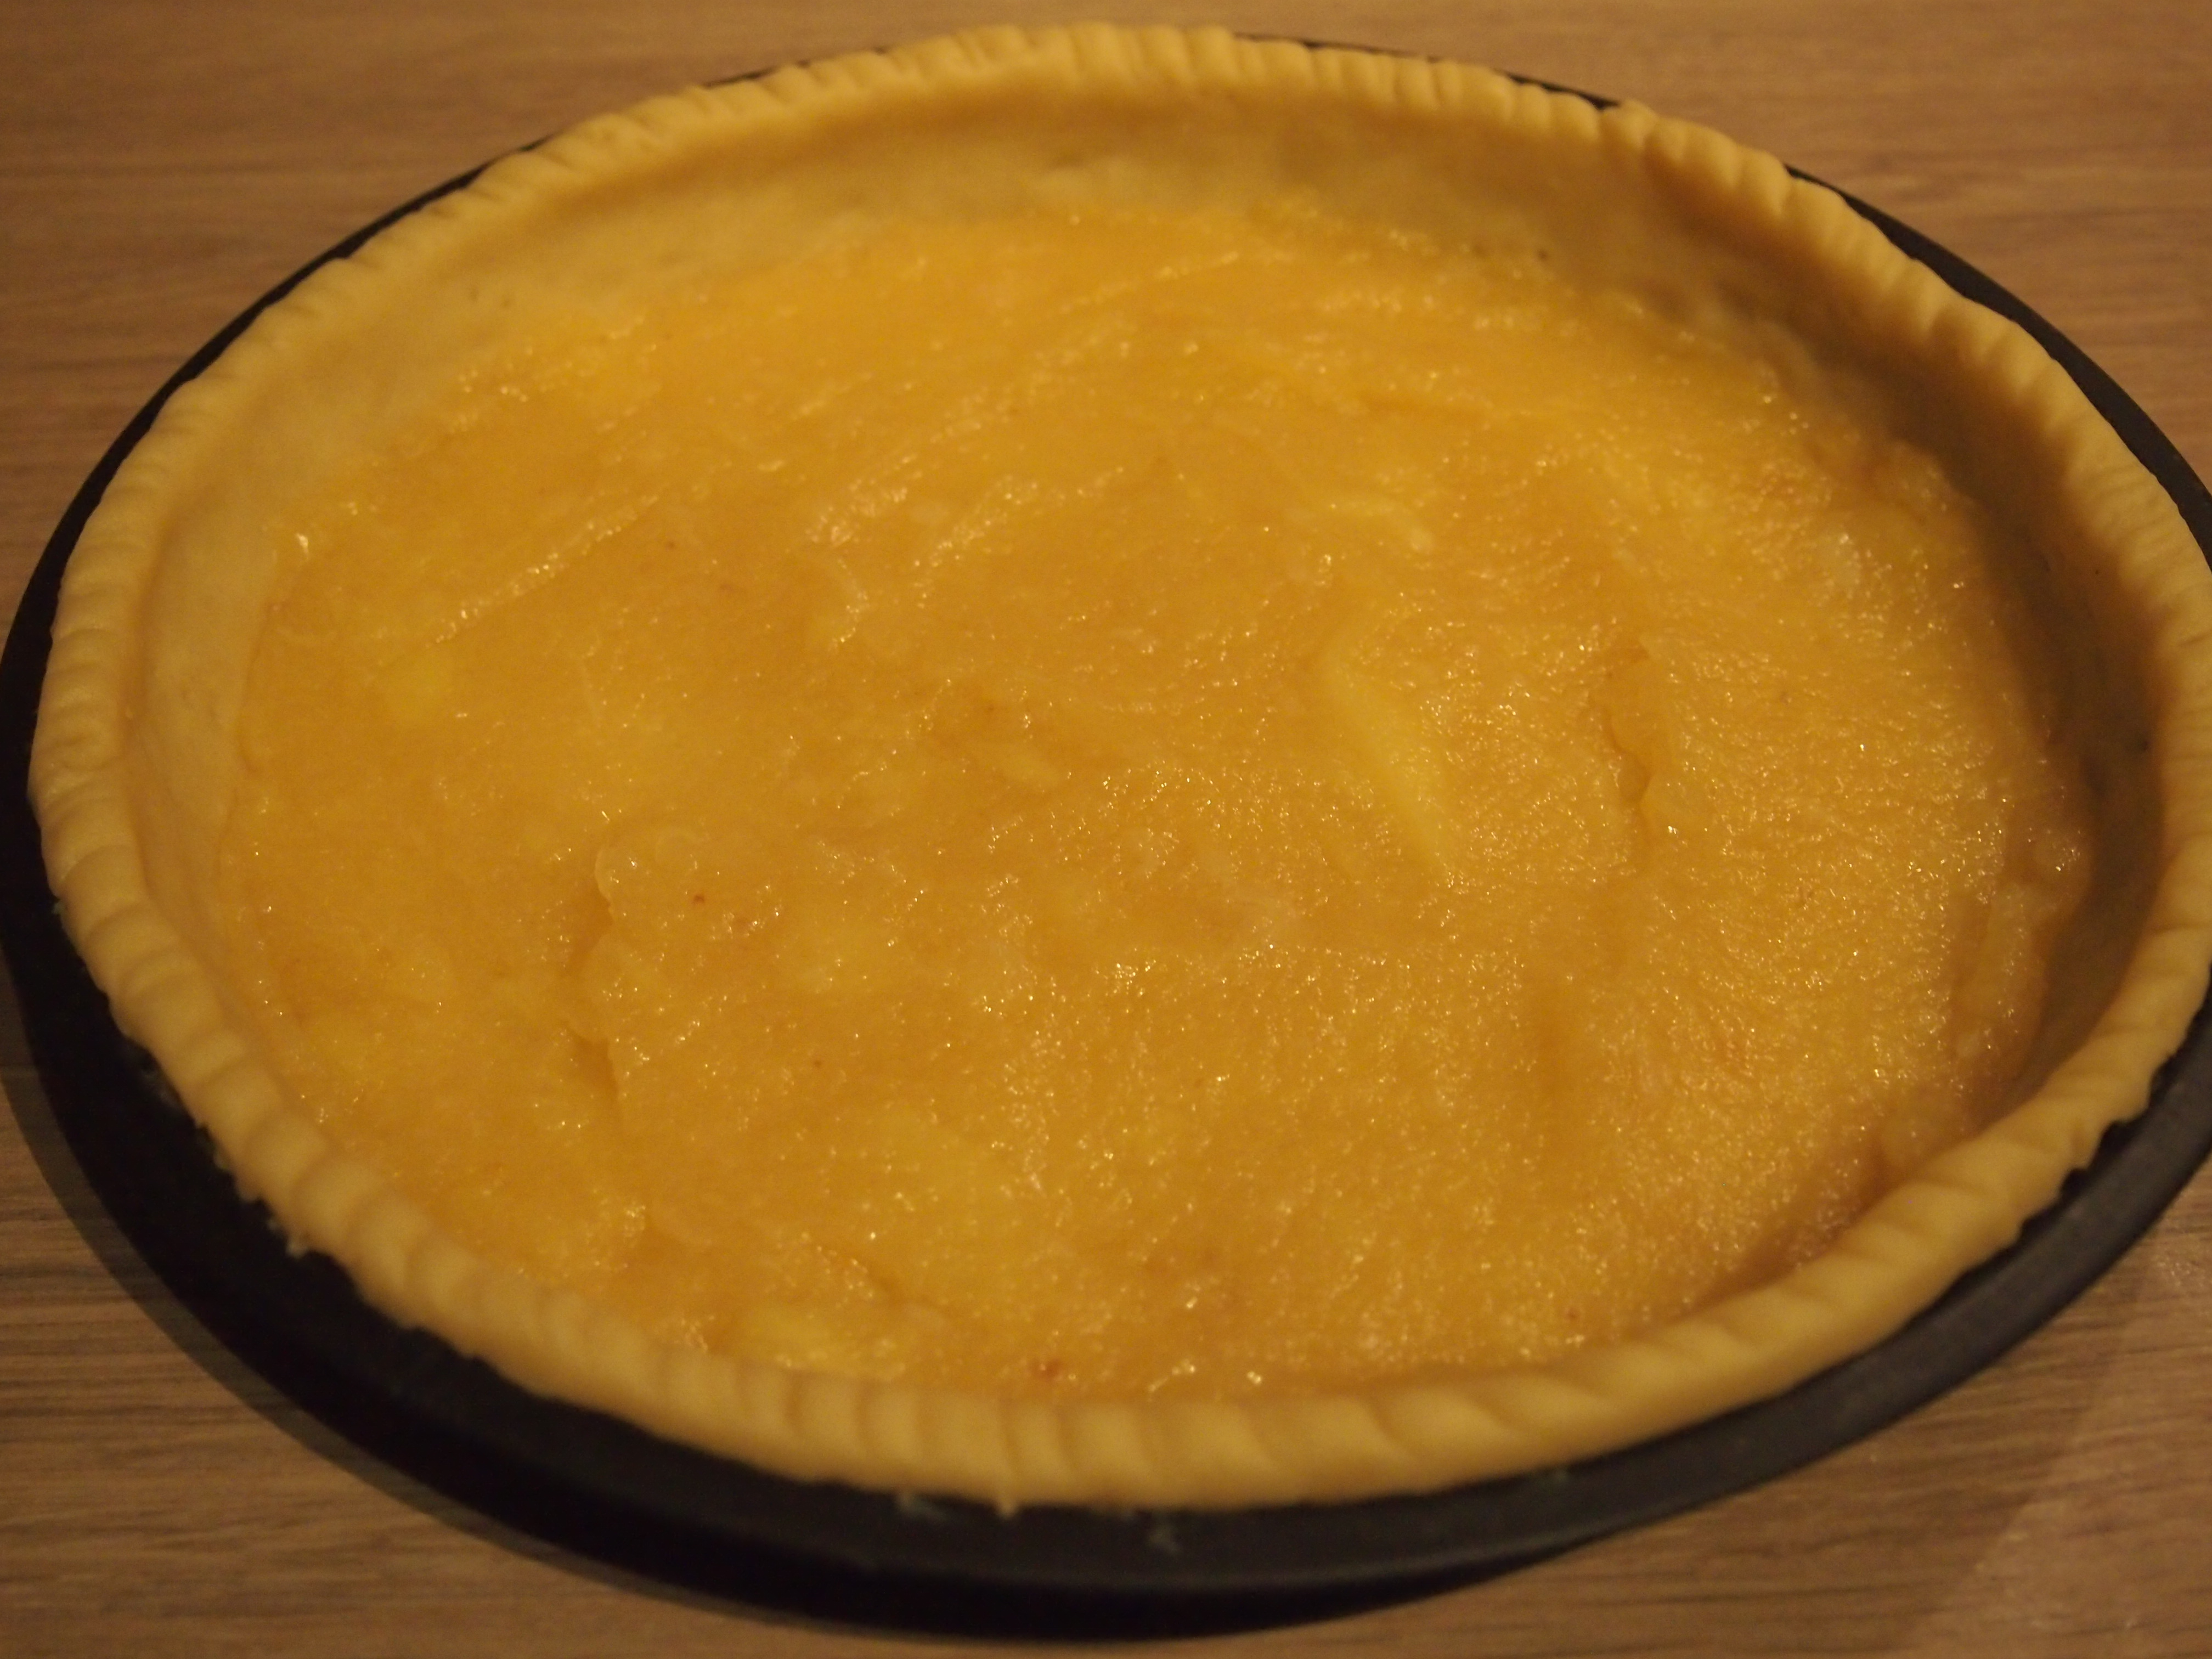 Fiche technique 160 la tarte aux pommes cap cuisine en - Cap cuisine candidat libre ...